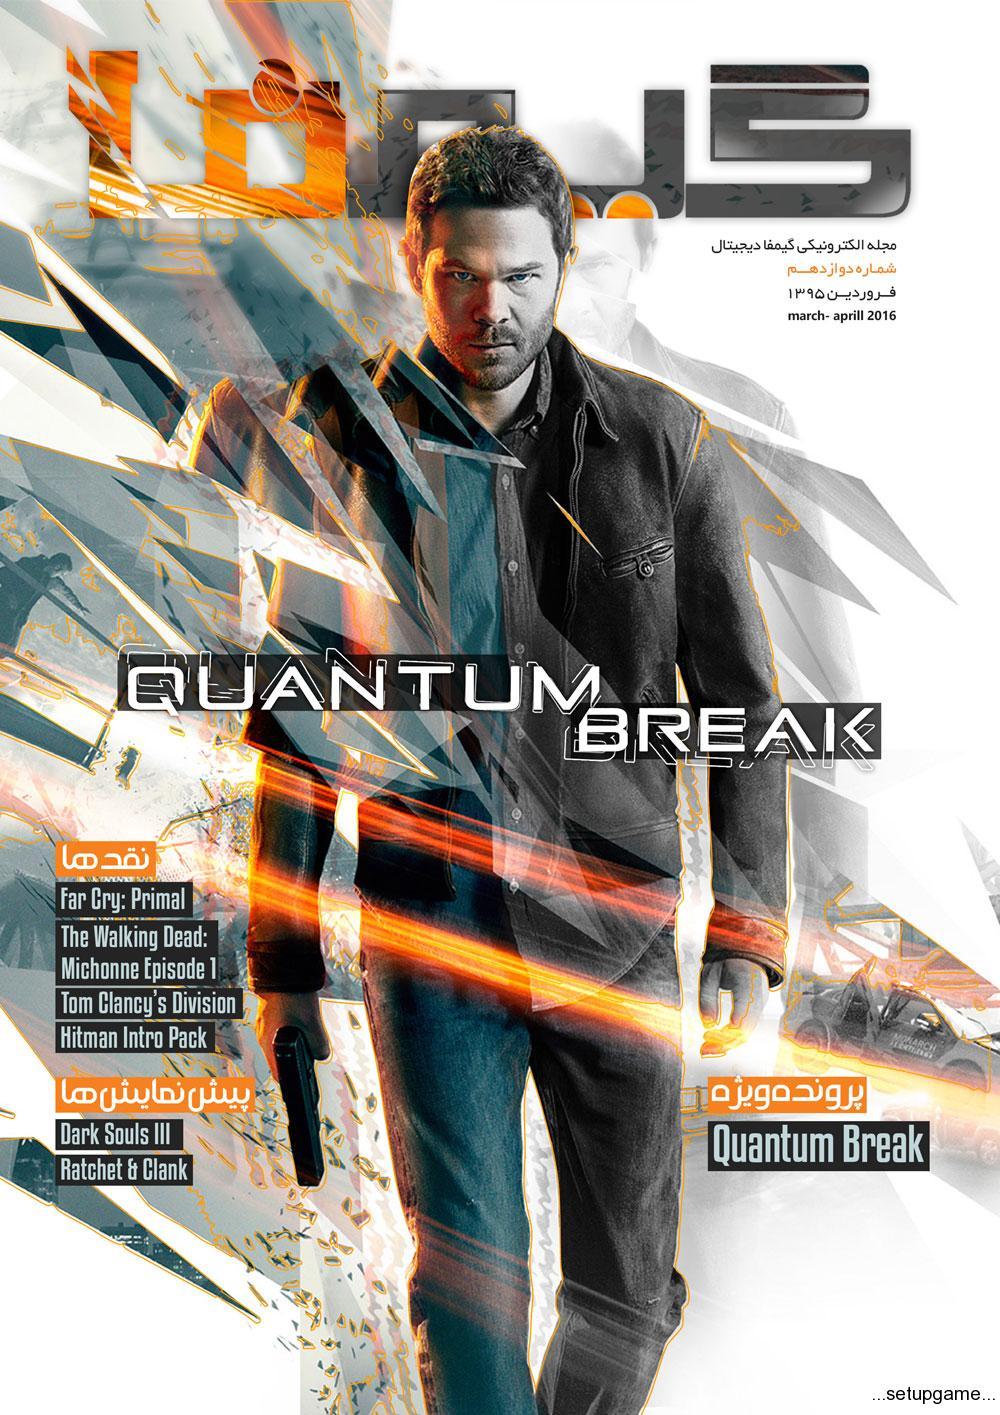 شماره ۱۲ مجله گیمفا دیجیتال منتشر شد|زمان قدرتی بی نهایت